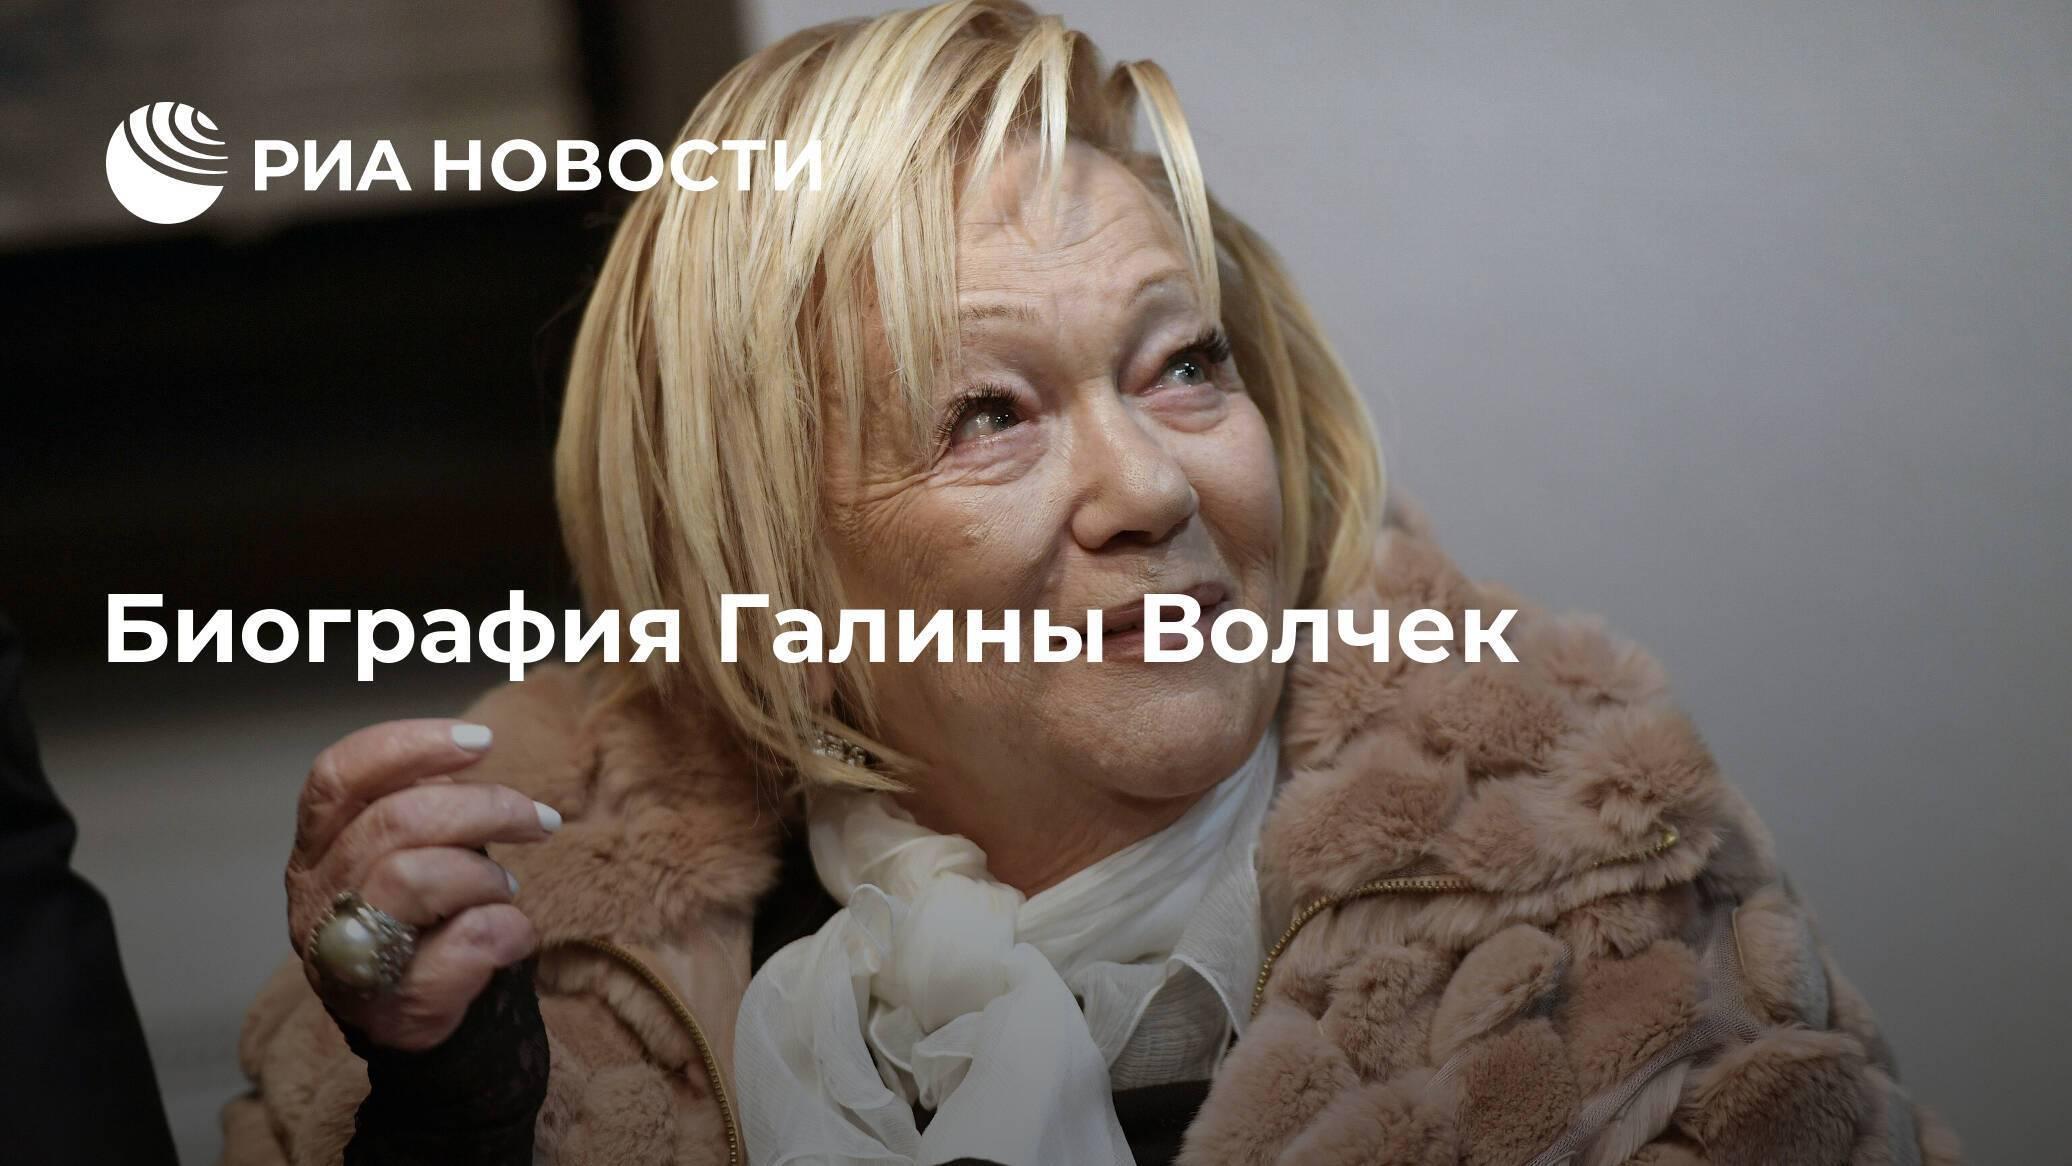 Биография Галины Волчек